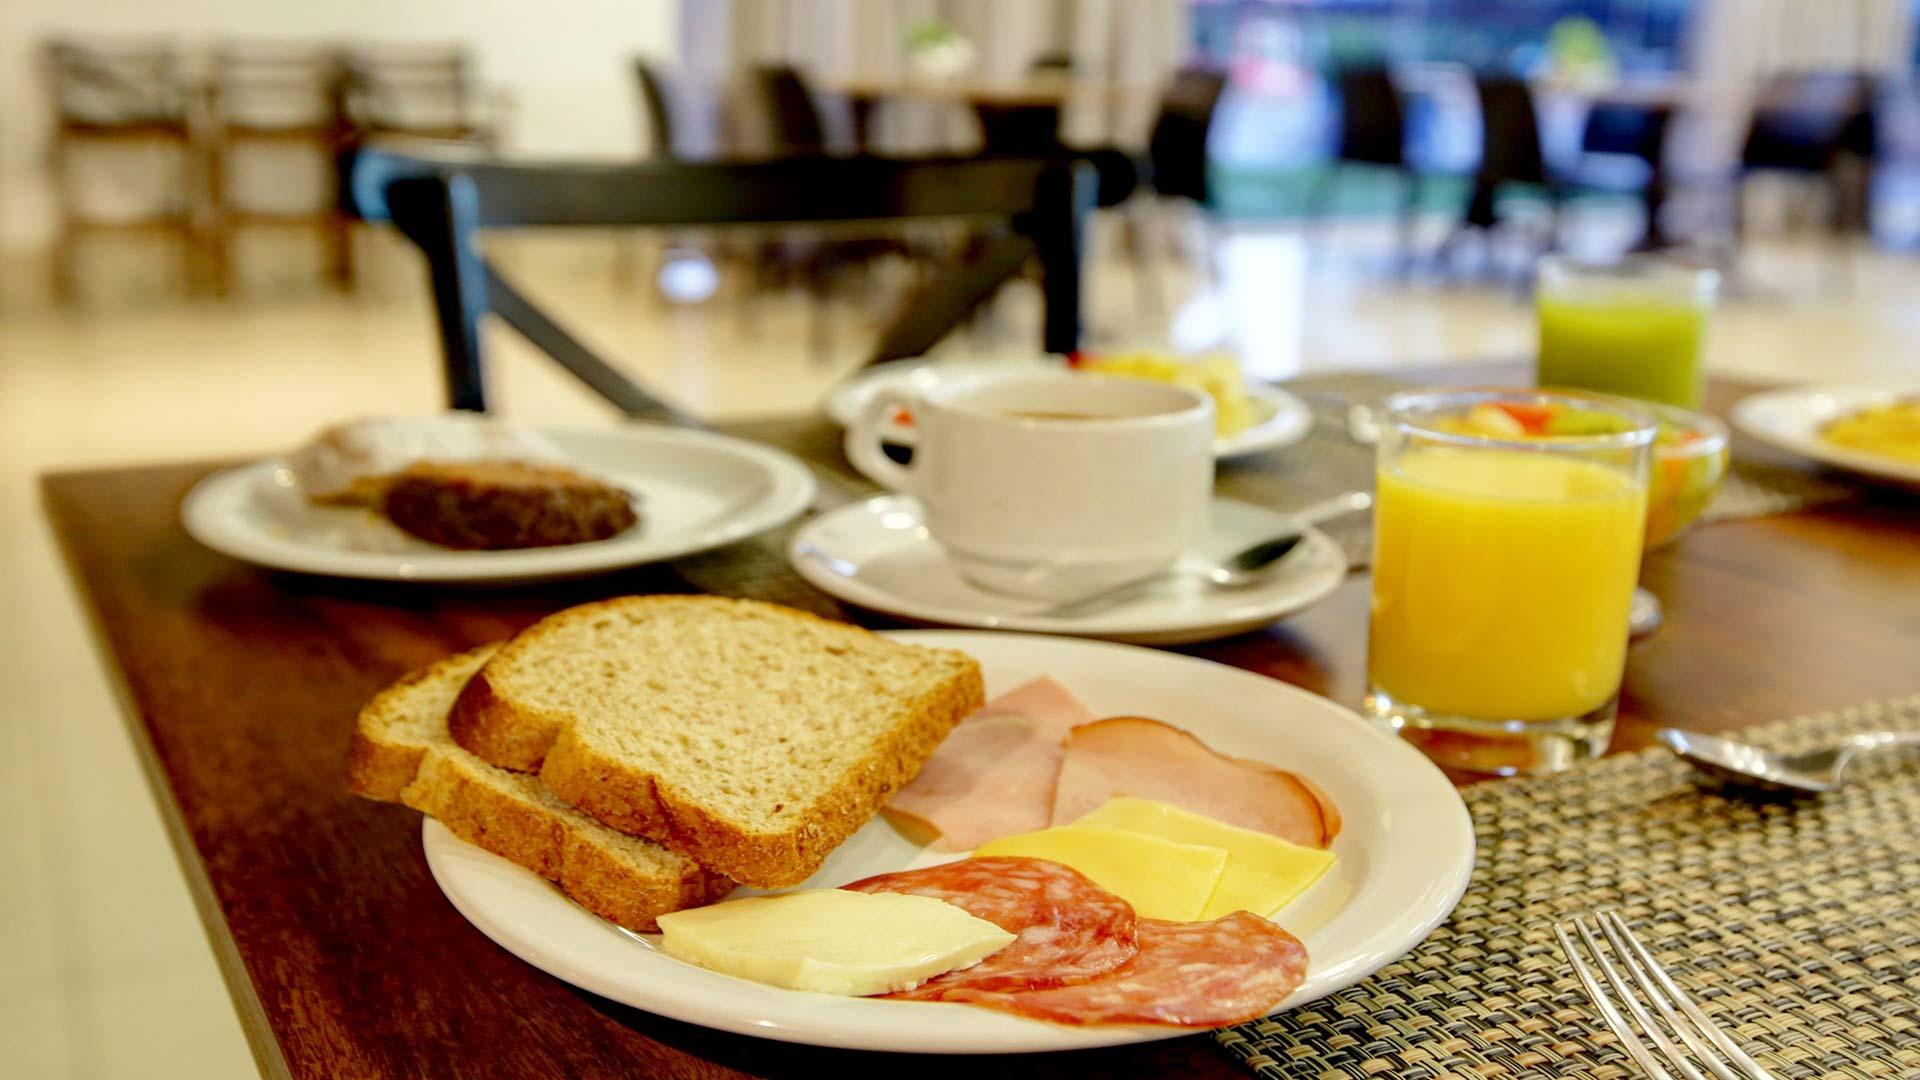 Advanced Cuiaba Cafe da manha 433